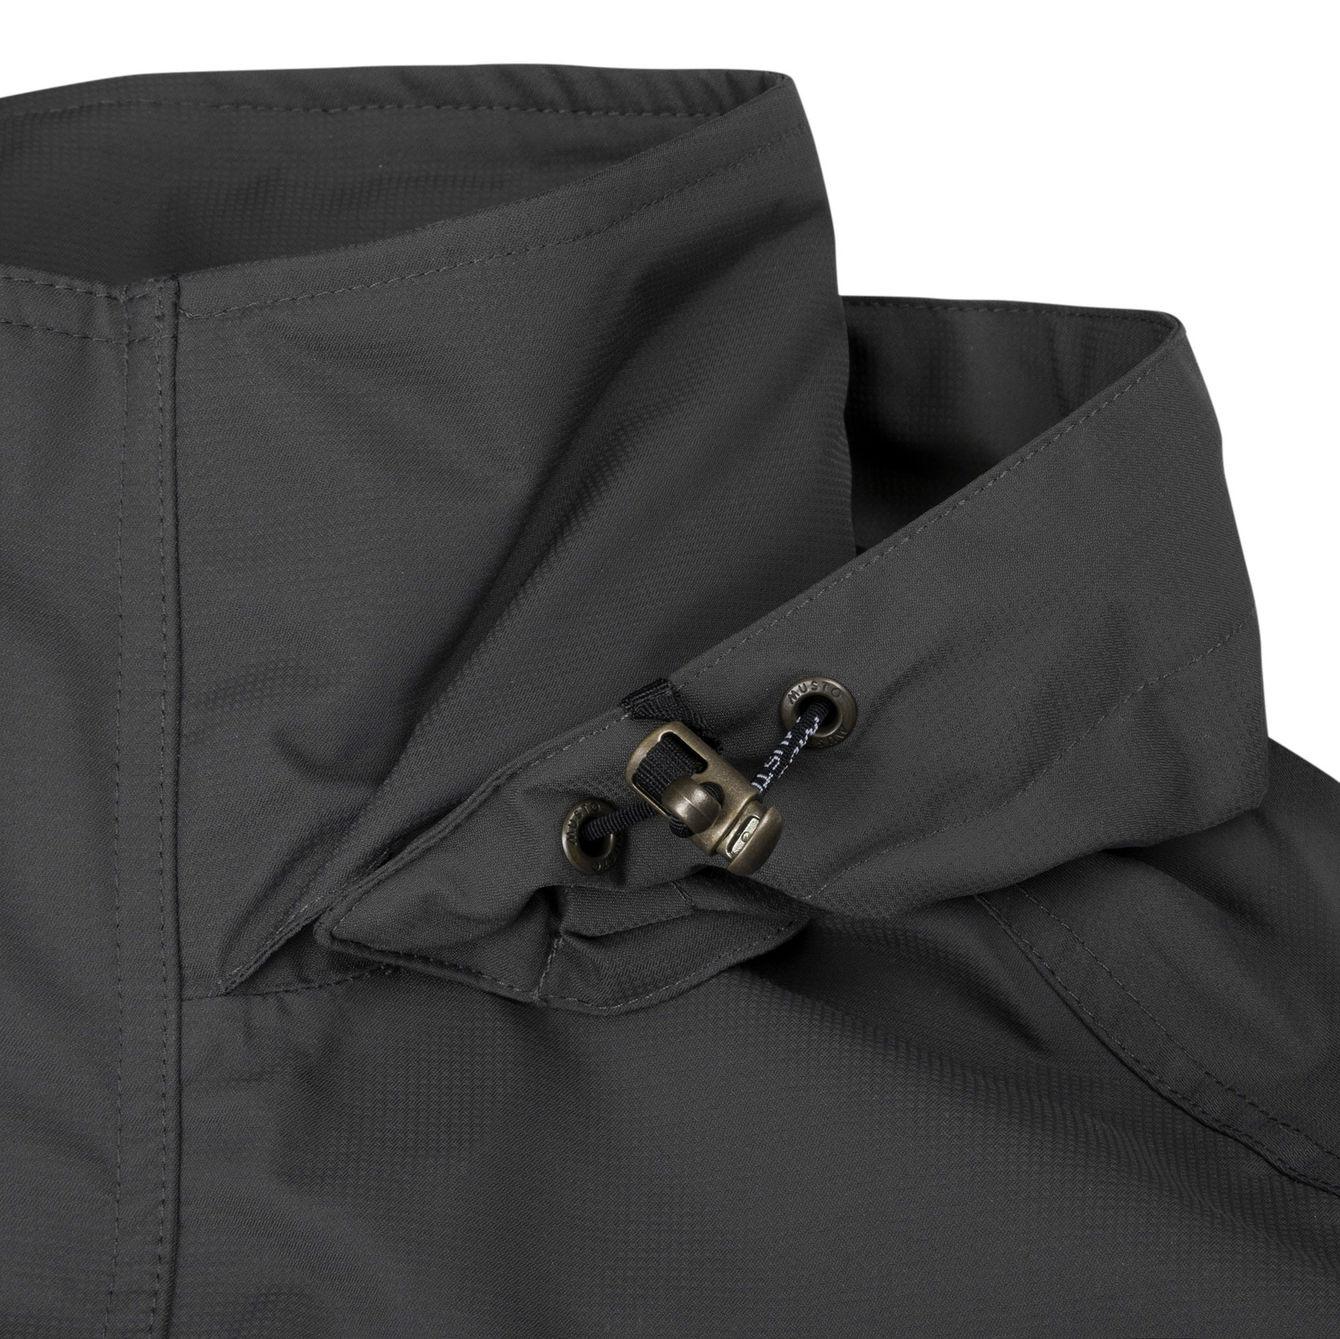 Musto Fenland BR2 Packaway Jacket – Liquorice